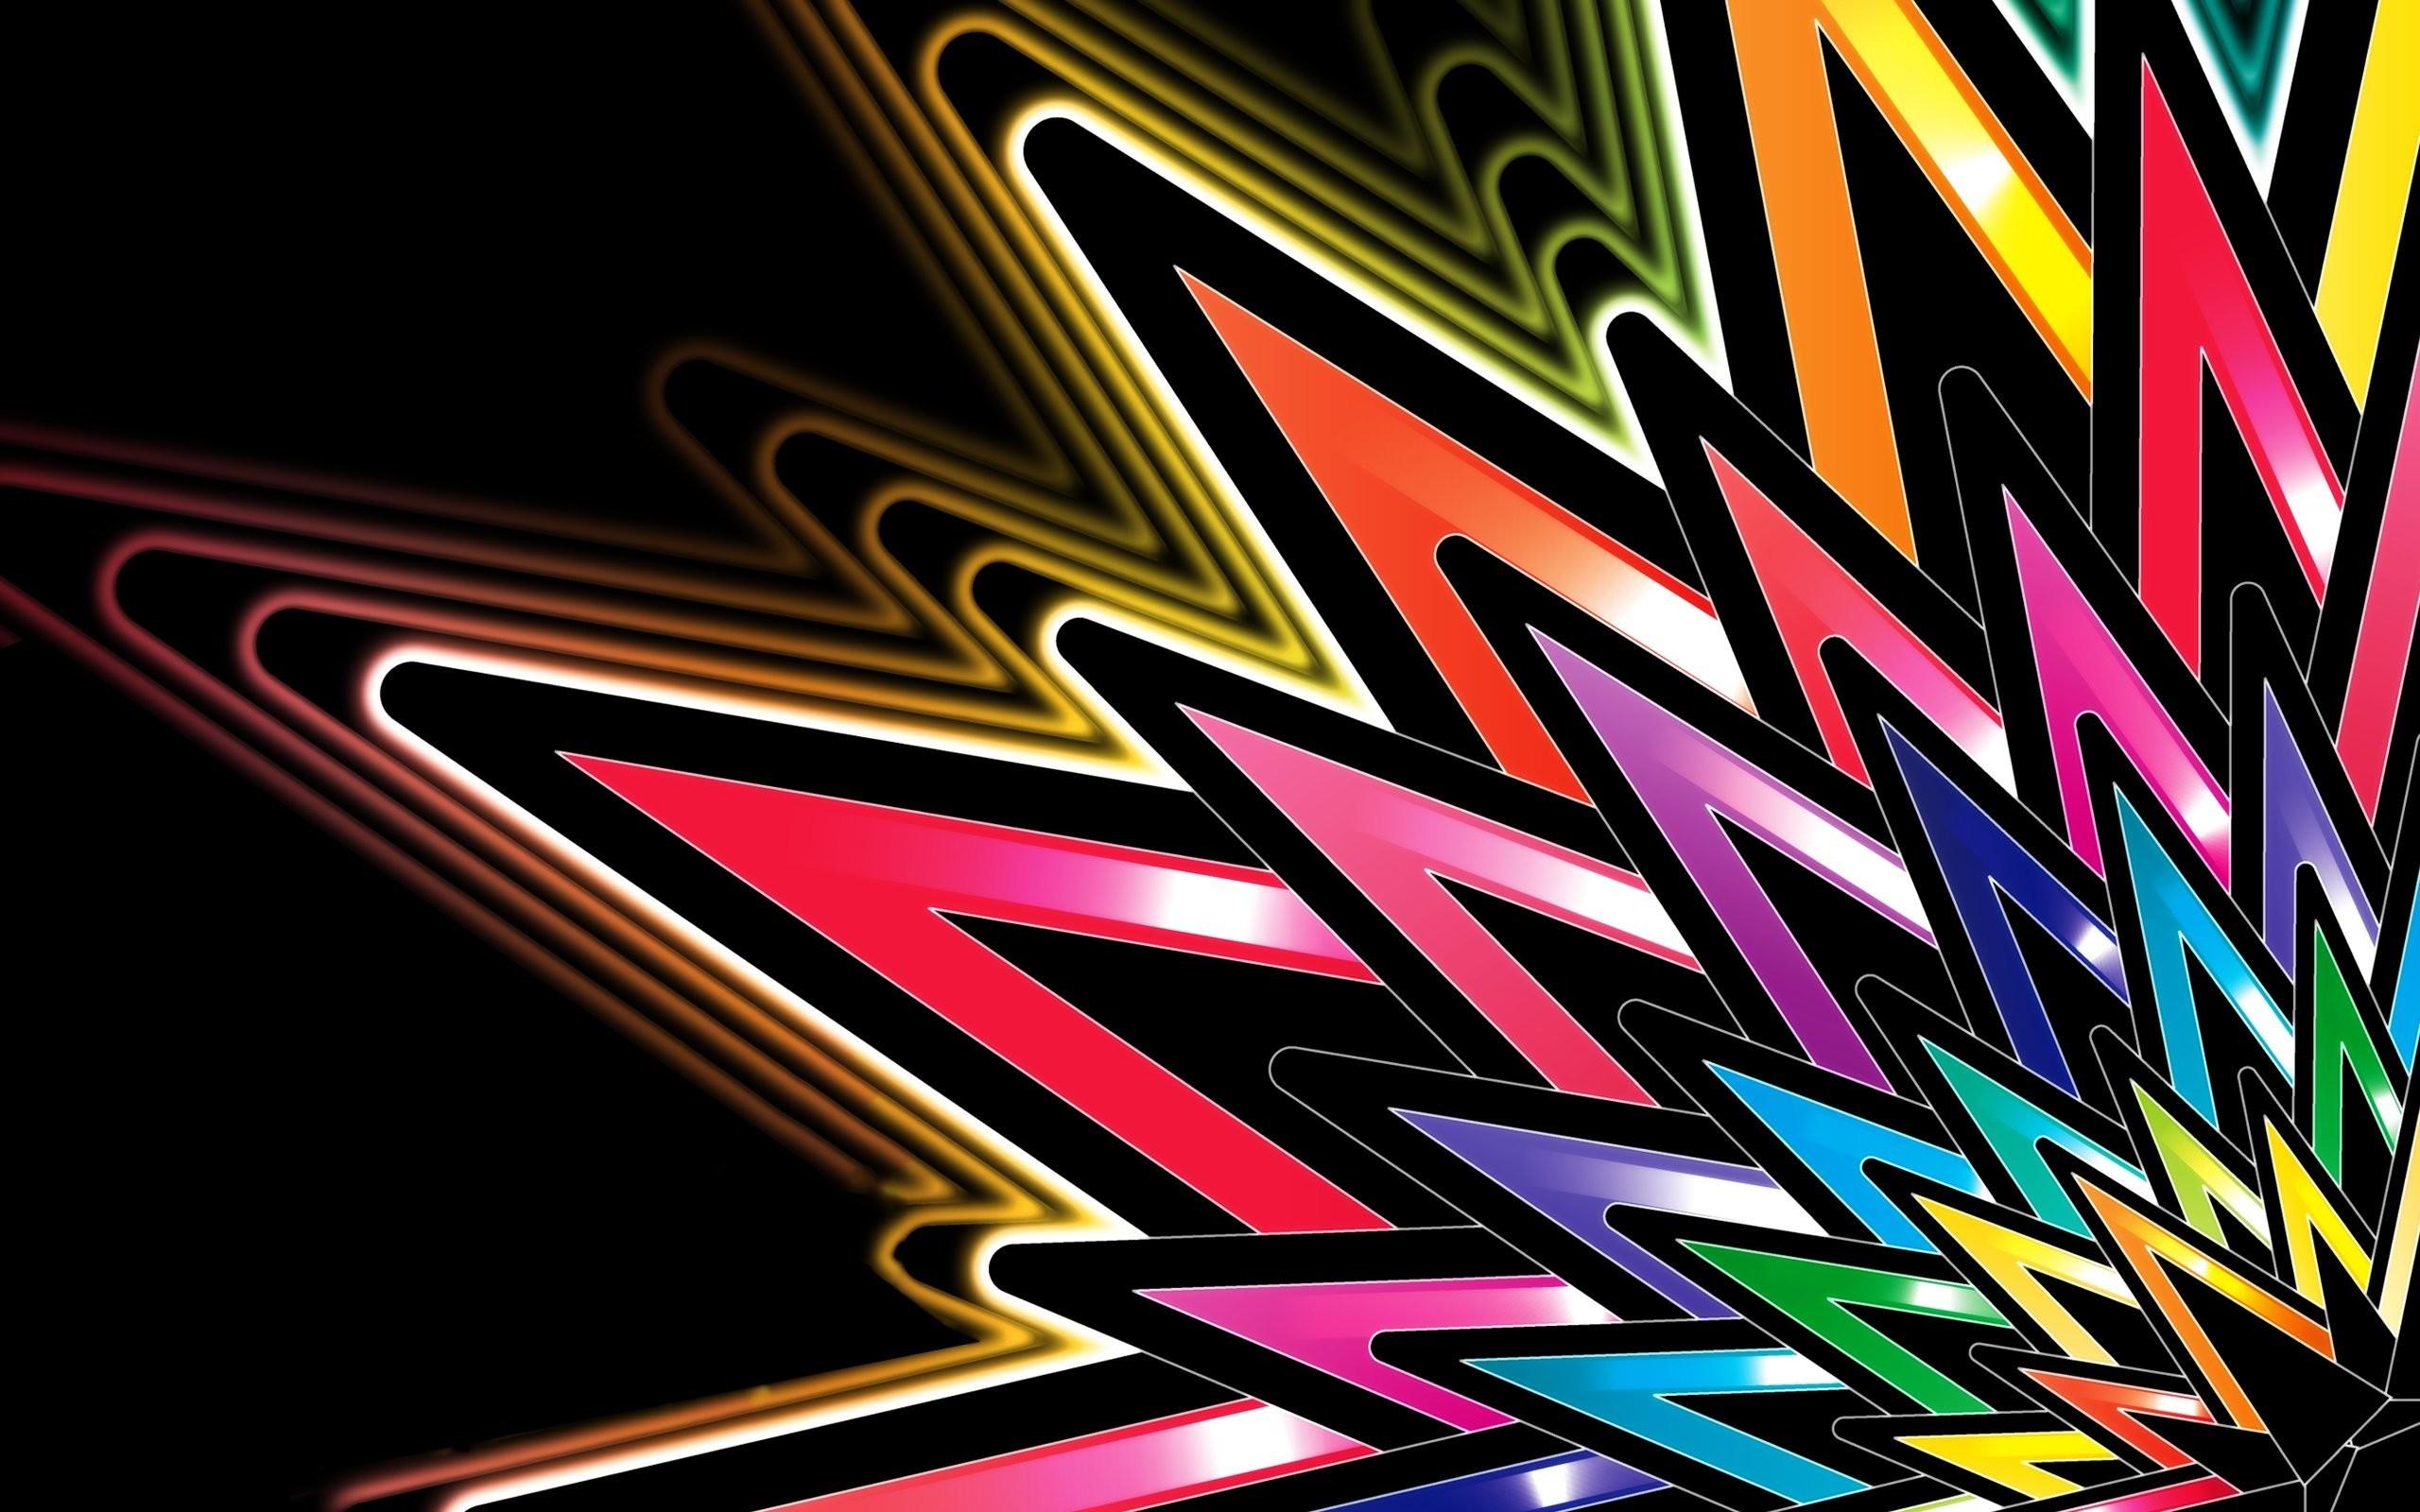 Res: 2560x1600, bright colors wallpaper 740249 cool colors wallpaper 775031 cool